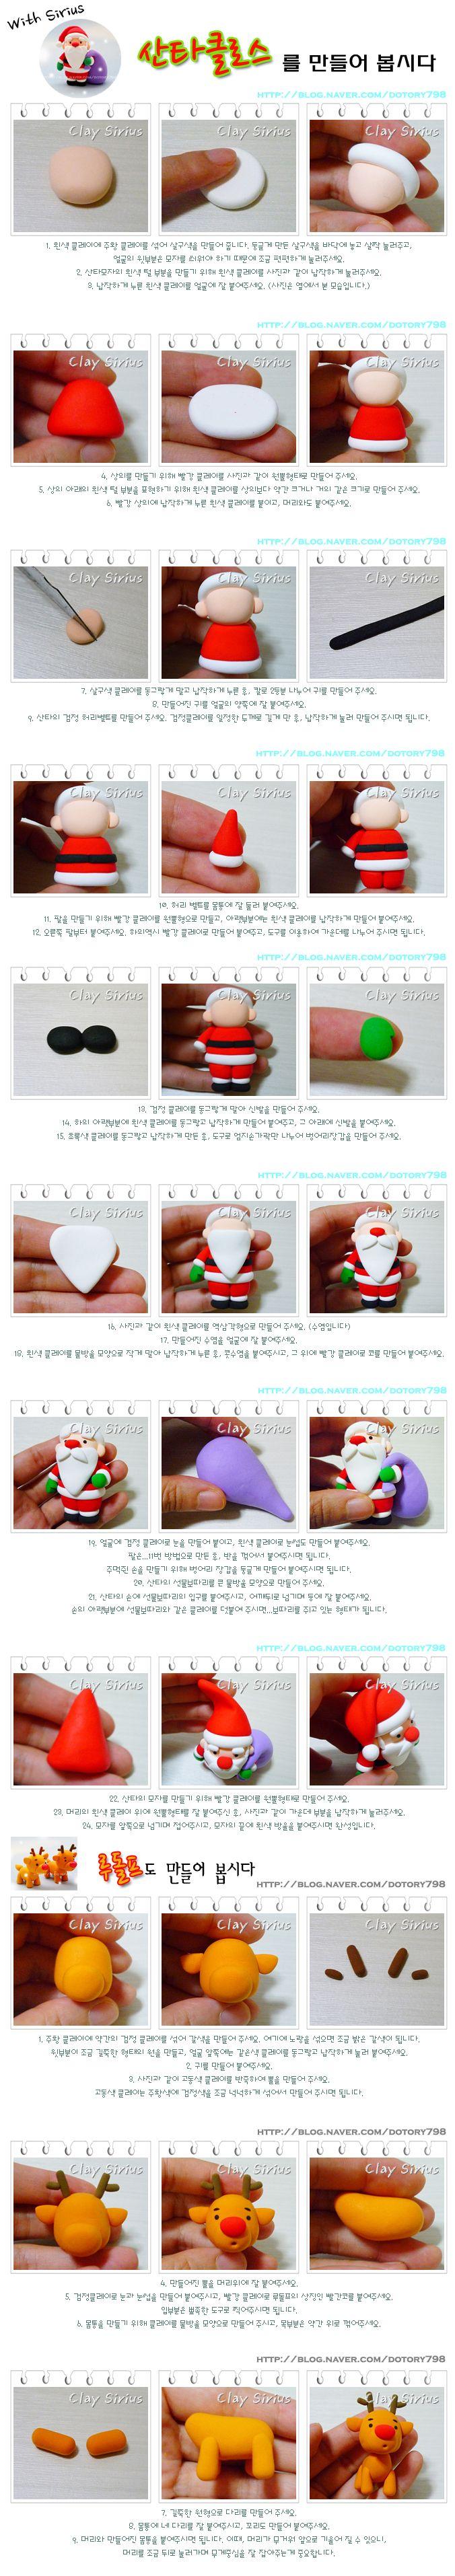 How To Make: Santa & Reindeer..cute cake & cupcake toppers!                                                                                                                                                                                 Más